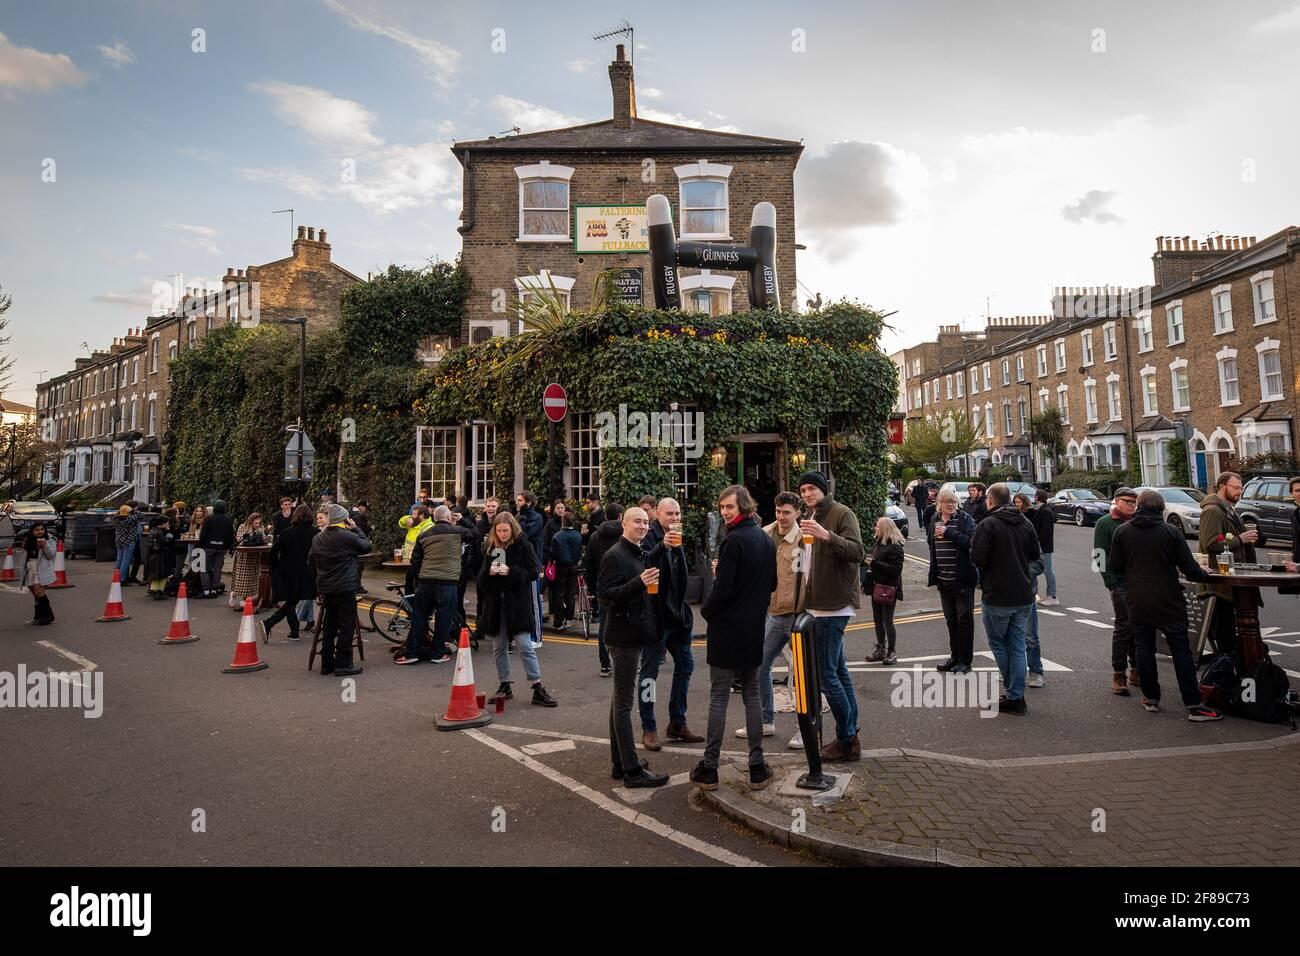 Londra, Regno Unito. 12 aprile 2021. I bevitori fuori dal falterante pub Fullback a Finsbury Park, a nord di Londra, che ha riaperto oggi per bere all'aperto, dato che le misure di blocco sono attenuate in tutto il Regno Unito. Data immagine: Lunedì 12 aprile 2021. Il credito fotografico dovrebbe essere: Matt Crossick/Empics/Alamy Live News Foto Stock